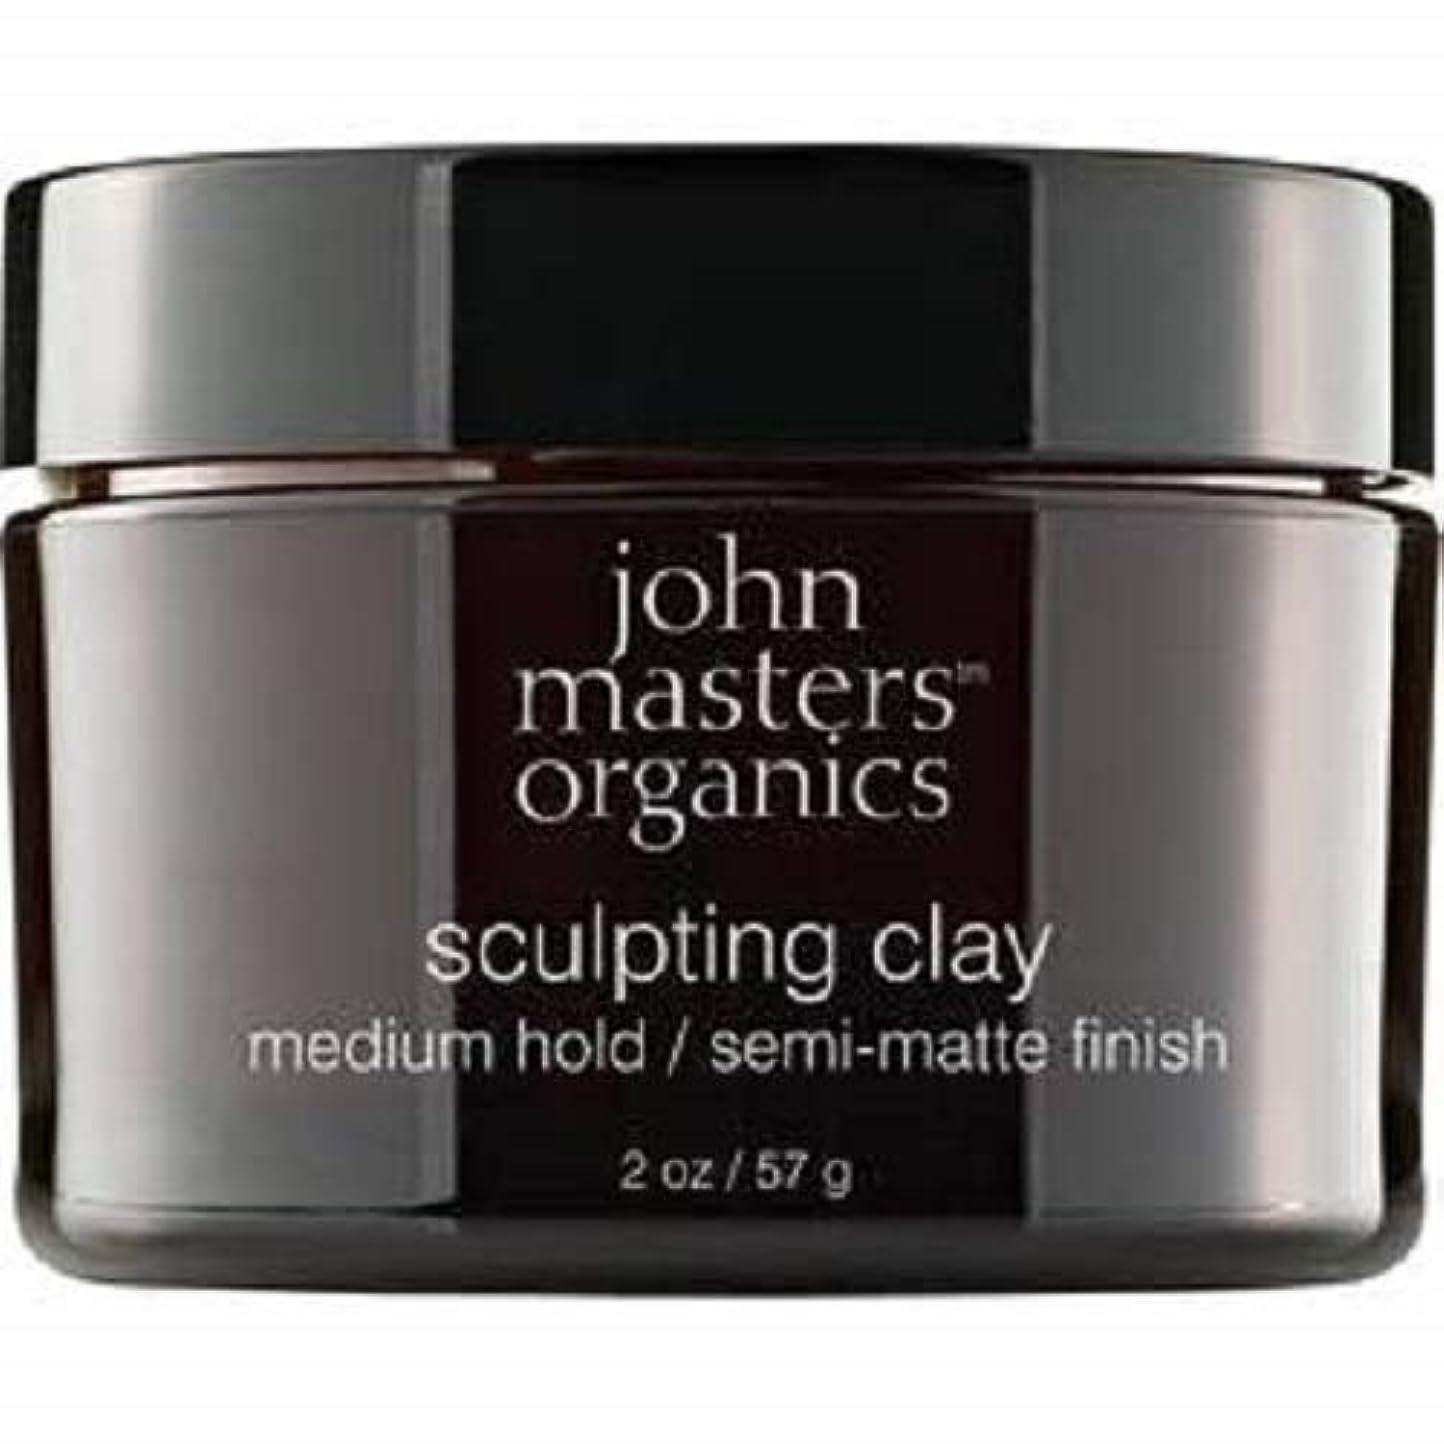 自宅でスノーケルイタリックJohn Masters Organics Sculpting Clay medium hold / semi-matt finish 2 OZ,57 g